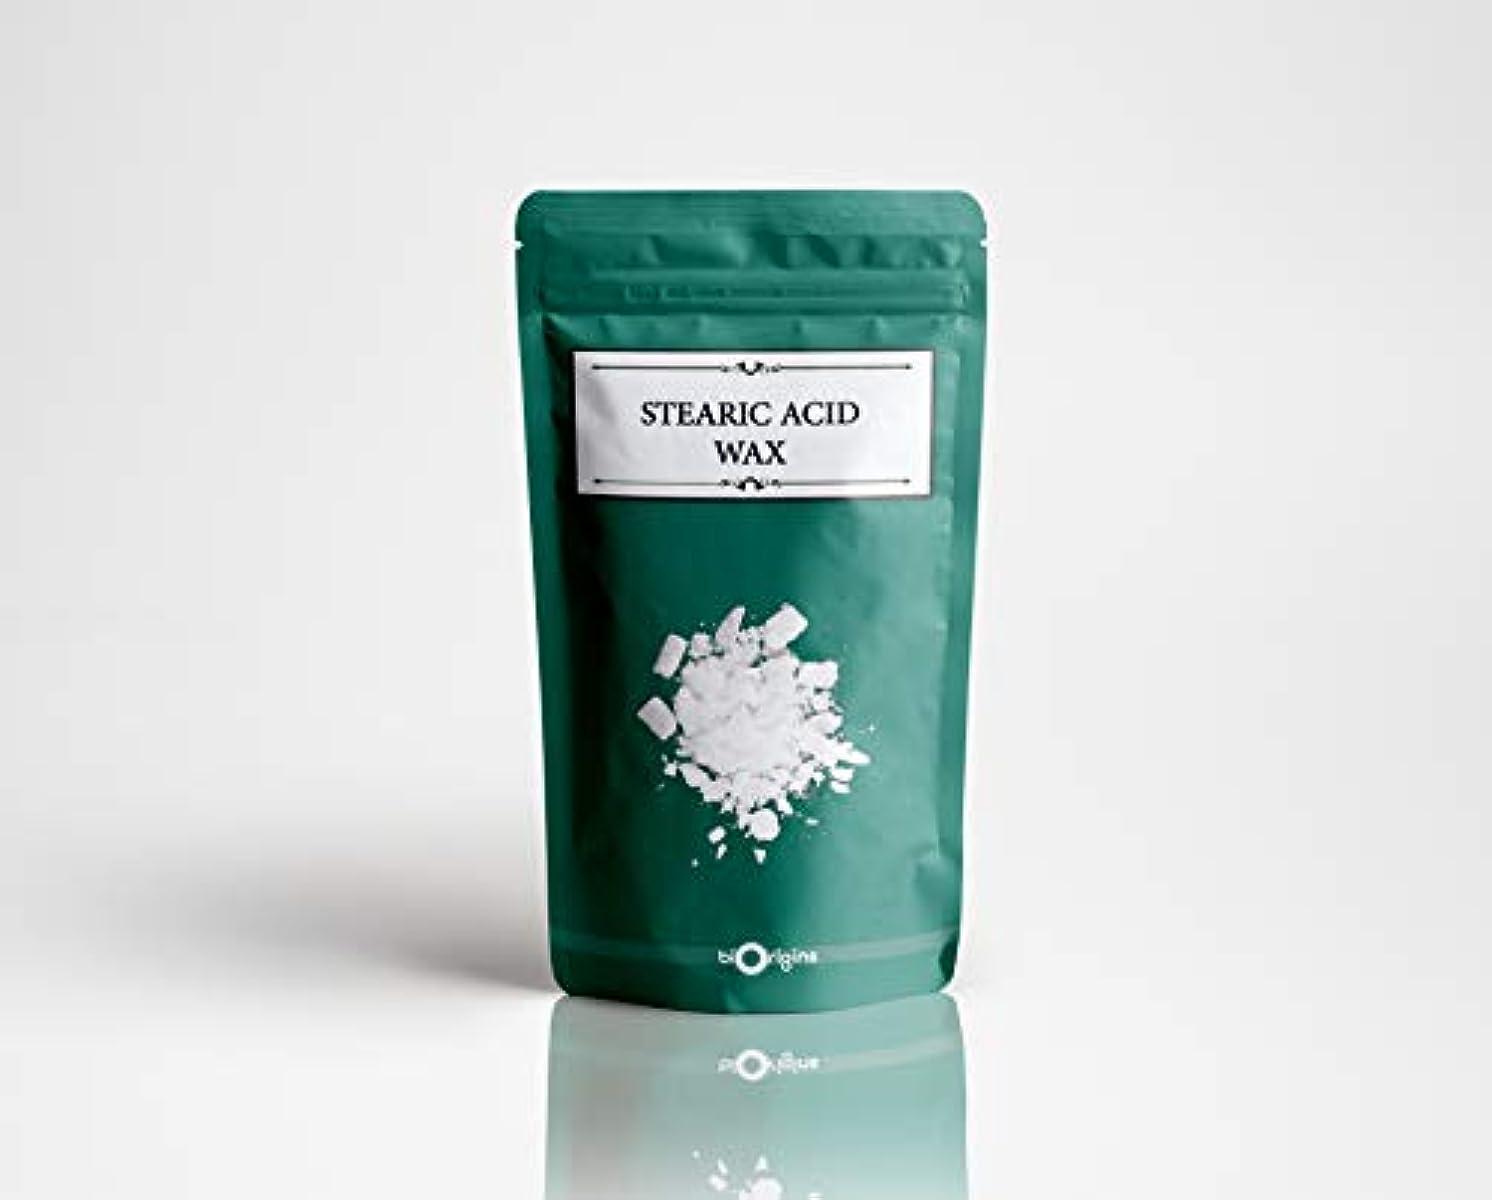 モネハイキングに行く滴下Stearic Acid Wax 100g